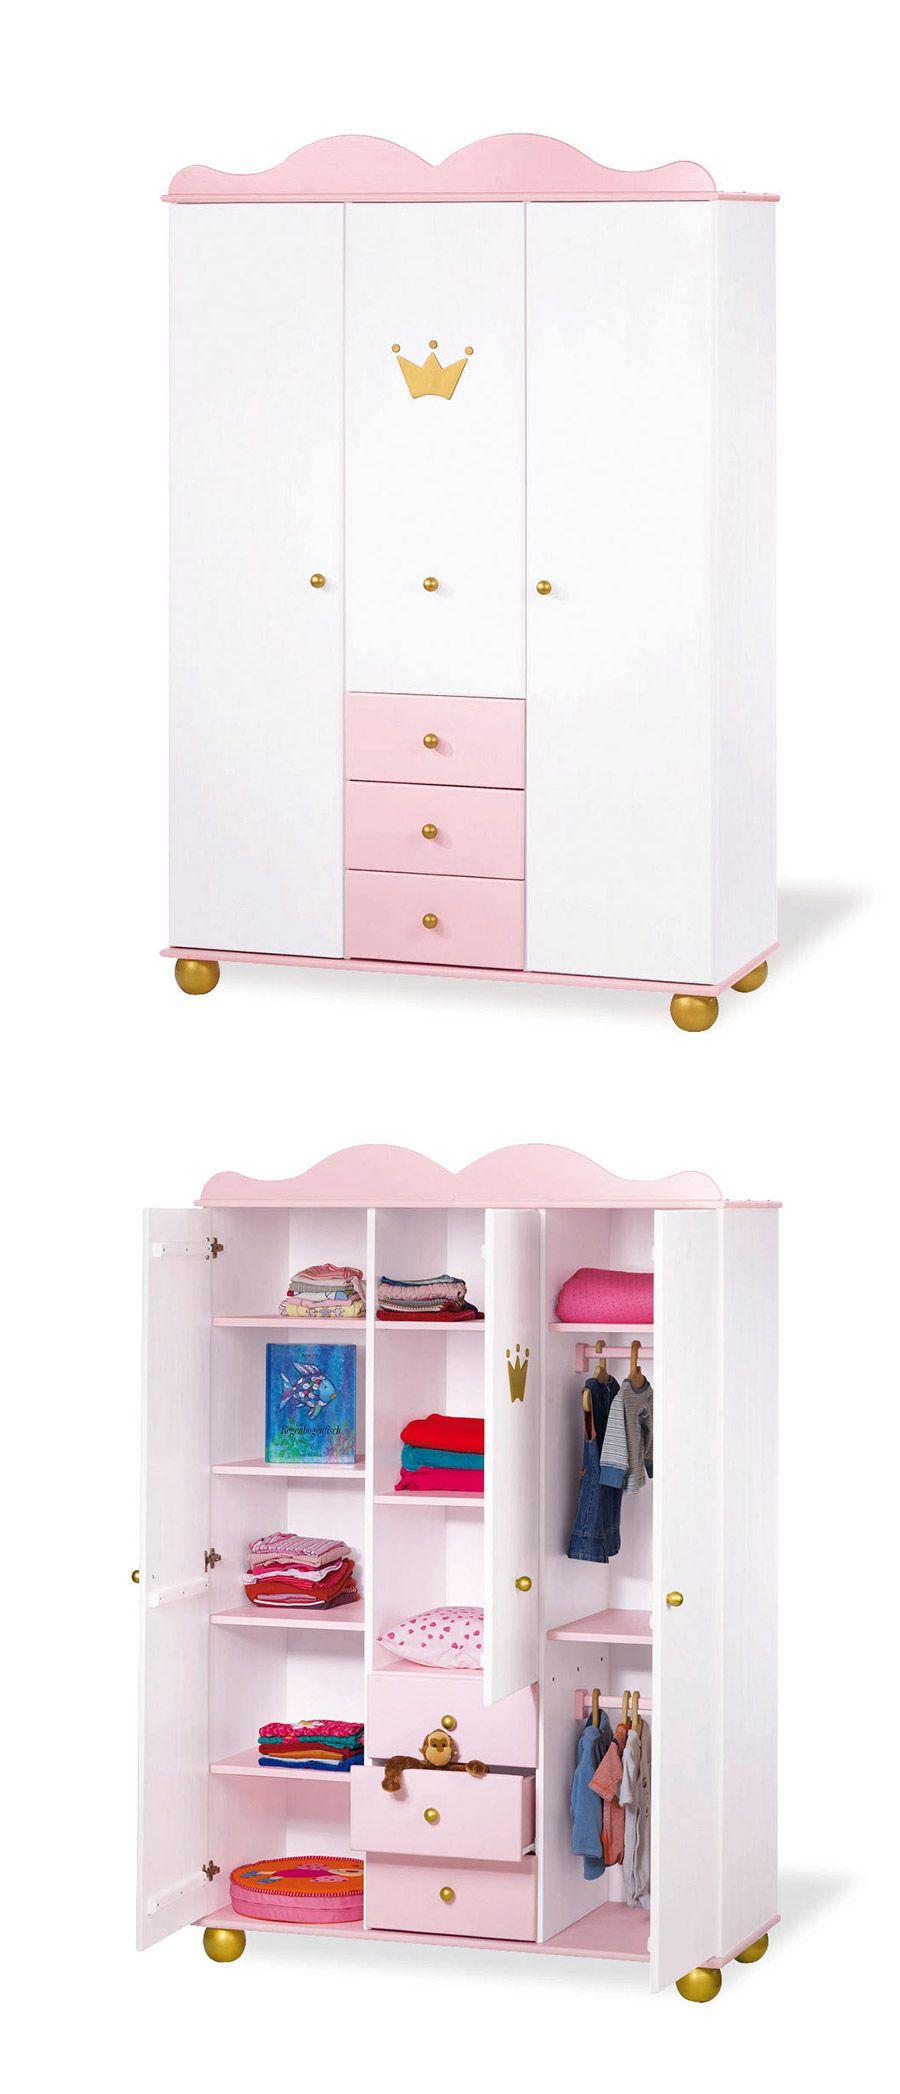 Superb zuckers er Kleiderschrank Prinzessin Karolin Betten de babyzimmer kleiderschrank rosa